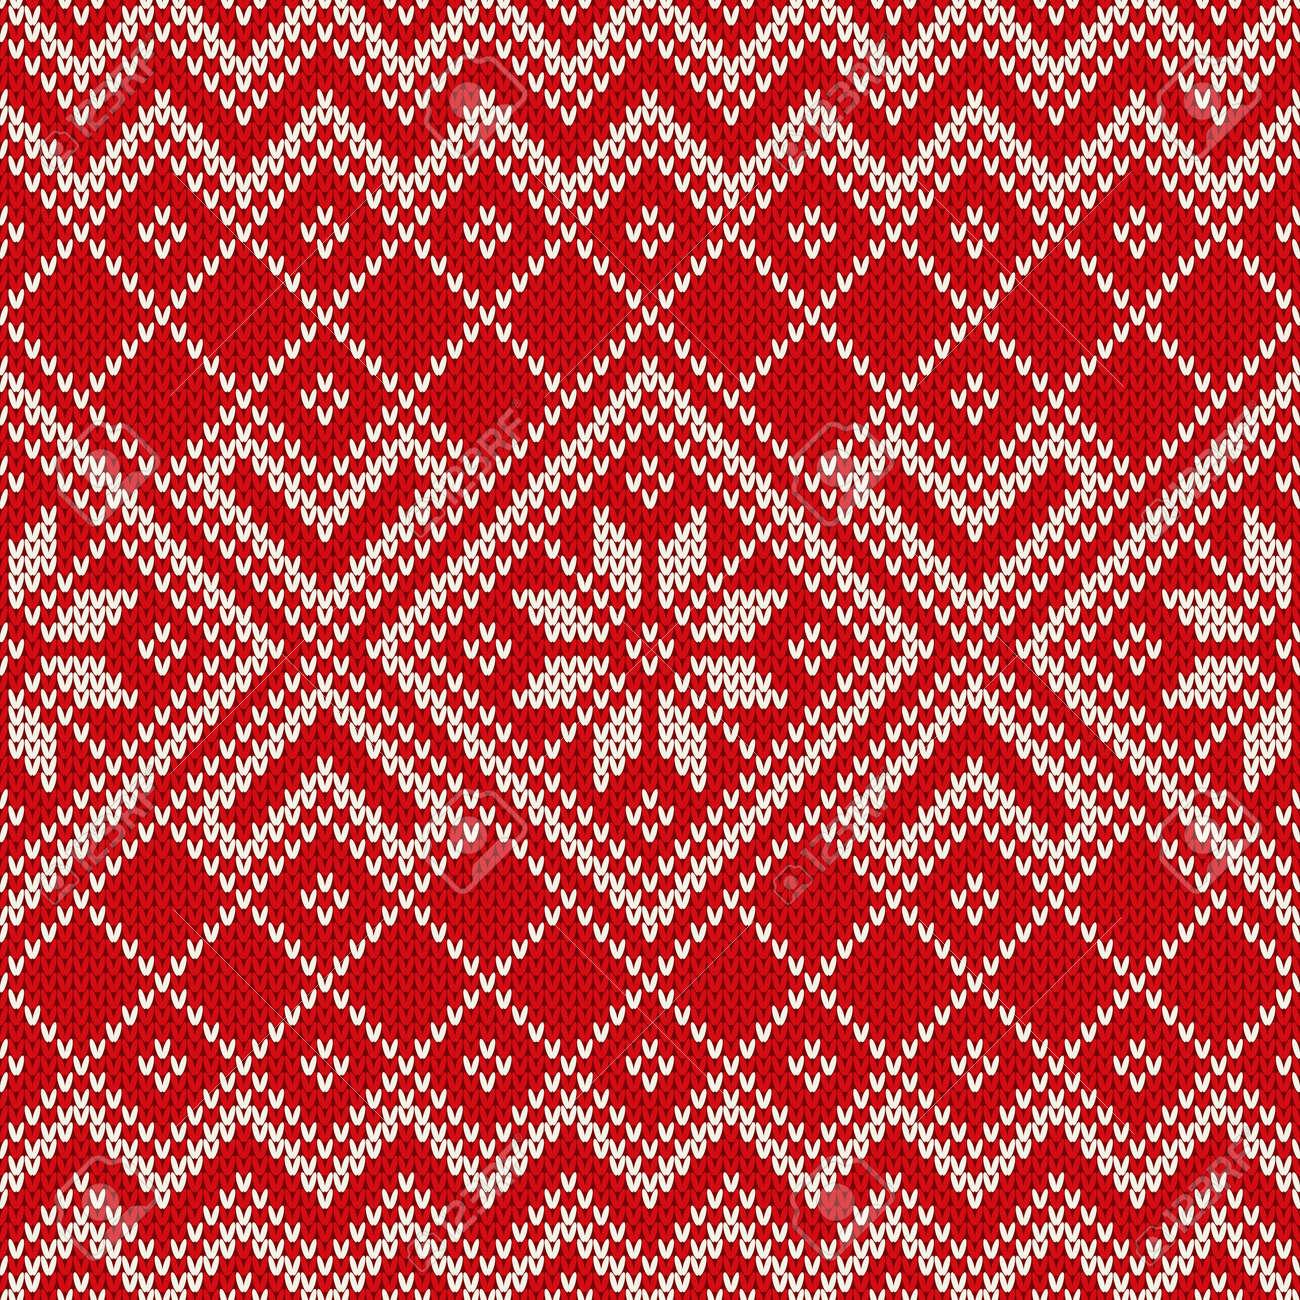 Diseño Suéter De Navidad En El Punto De Lana De Textura. Patrón Sin ...